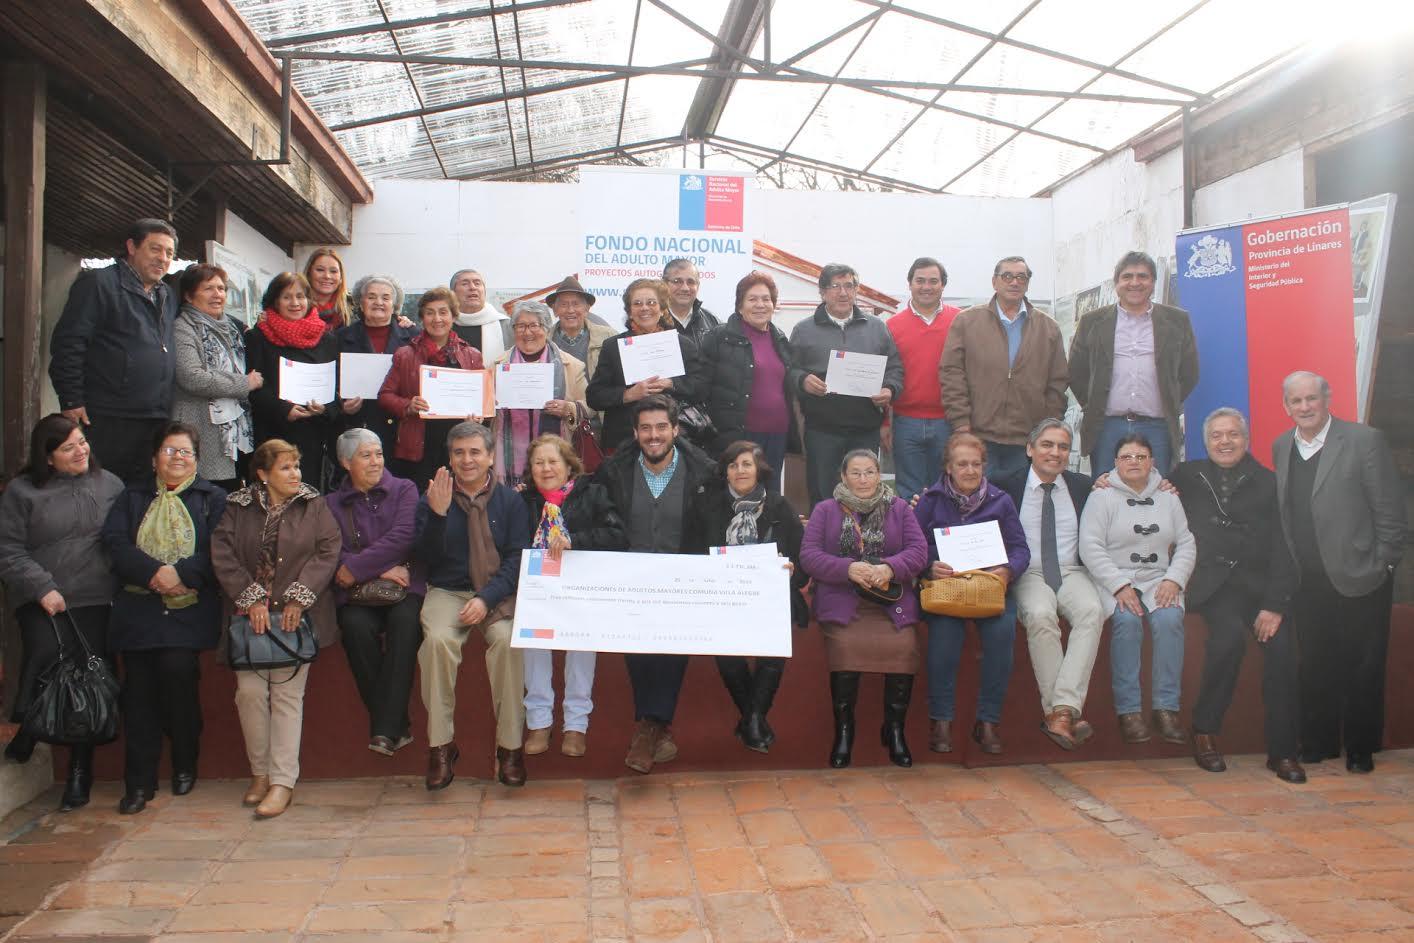 Más de 1170 adultos mayores de San Javier, Villa Alegre y Yerbas Buenas podrán realizar sus sueños con proyectos autogestionados